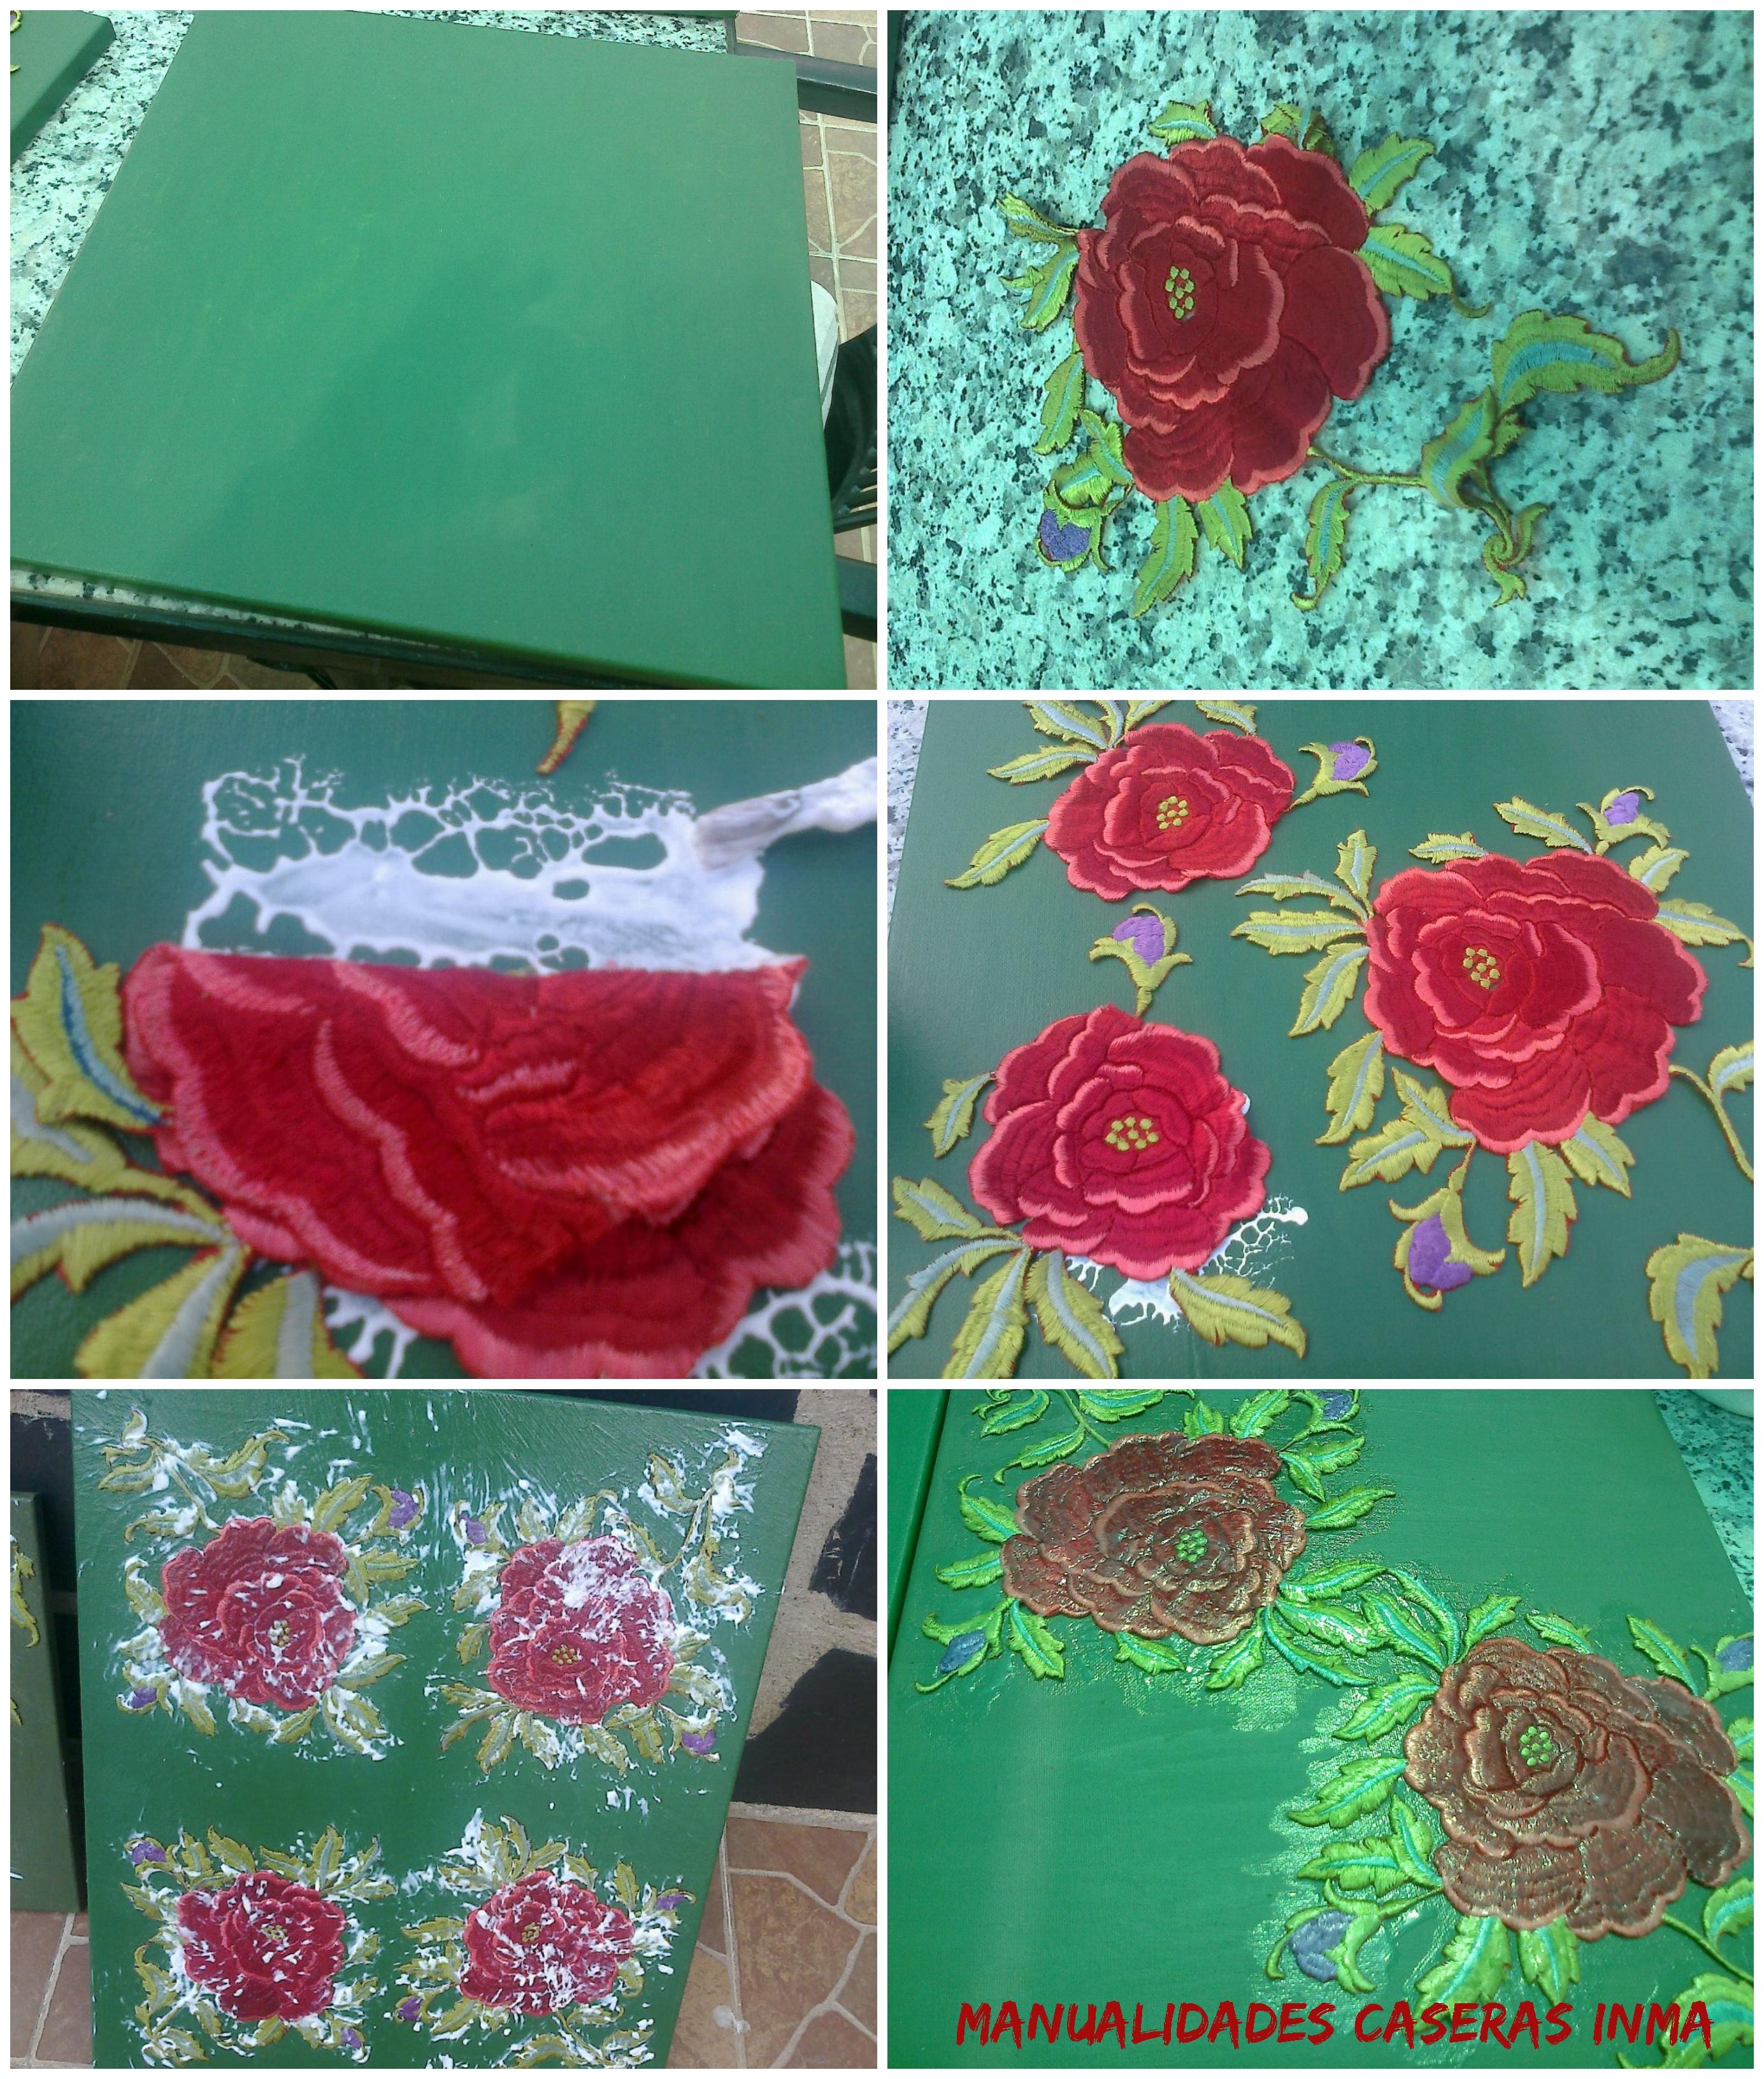 Manualidades Caseras Inma_ Cuadro rosas recicladas de un manton de manila _tutorial